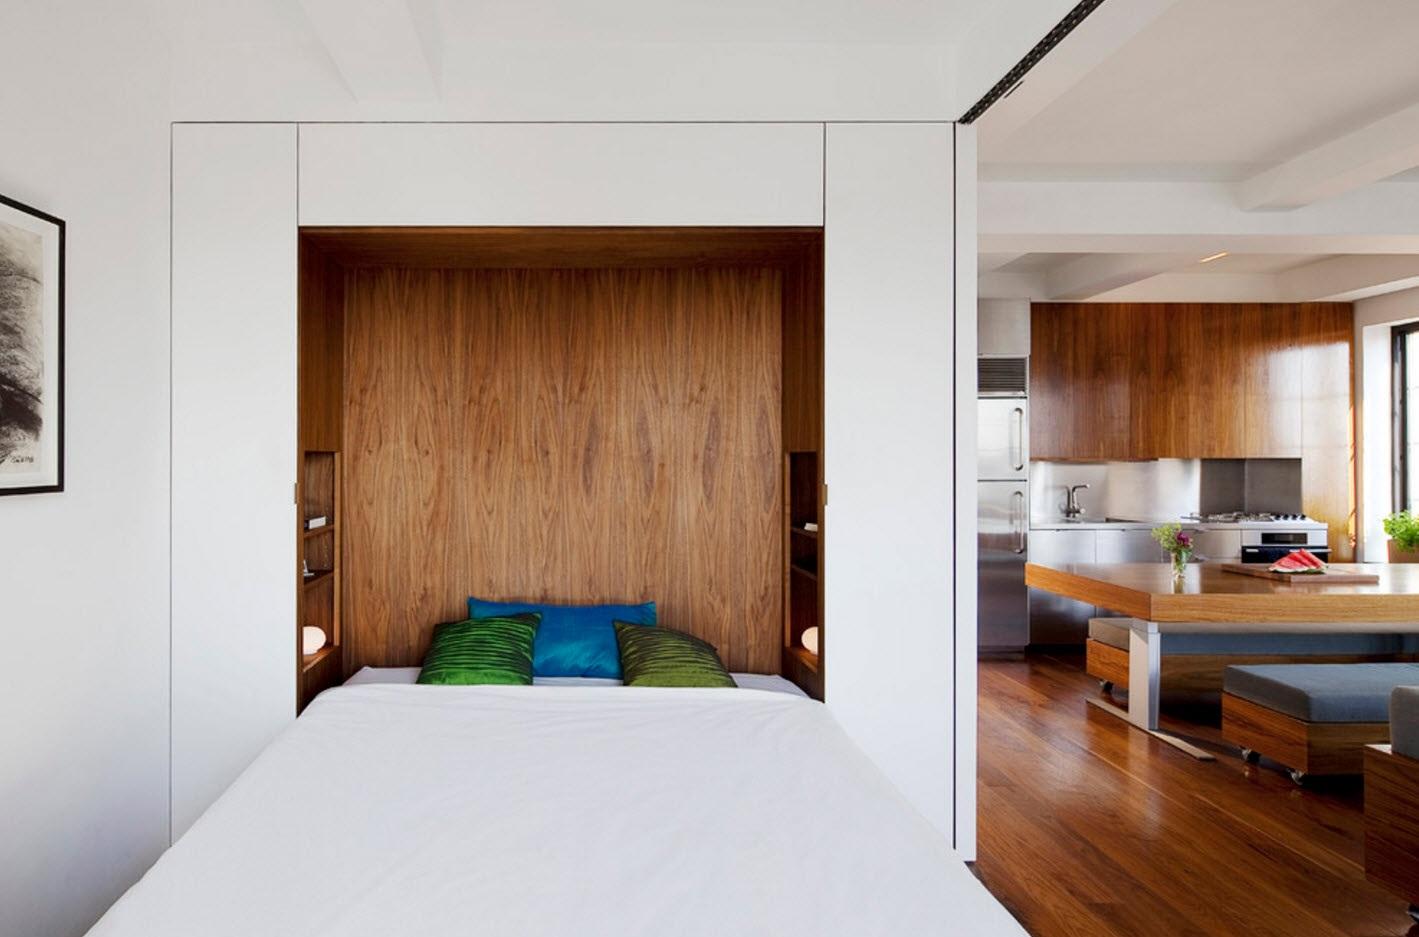 достоинства шкафа-кровати